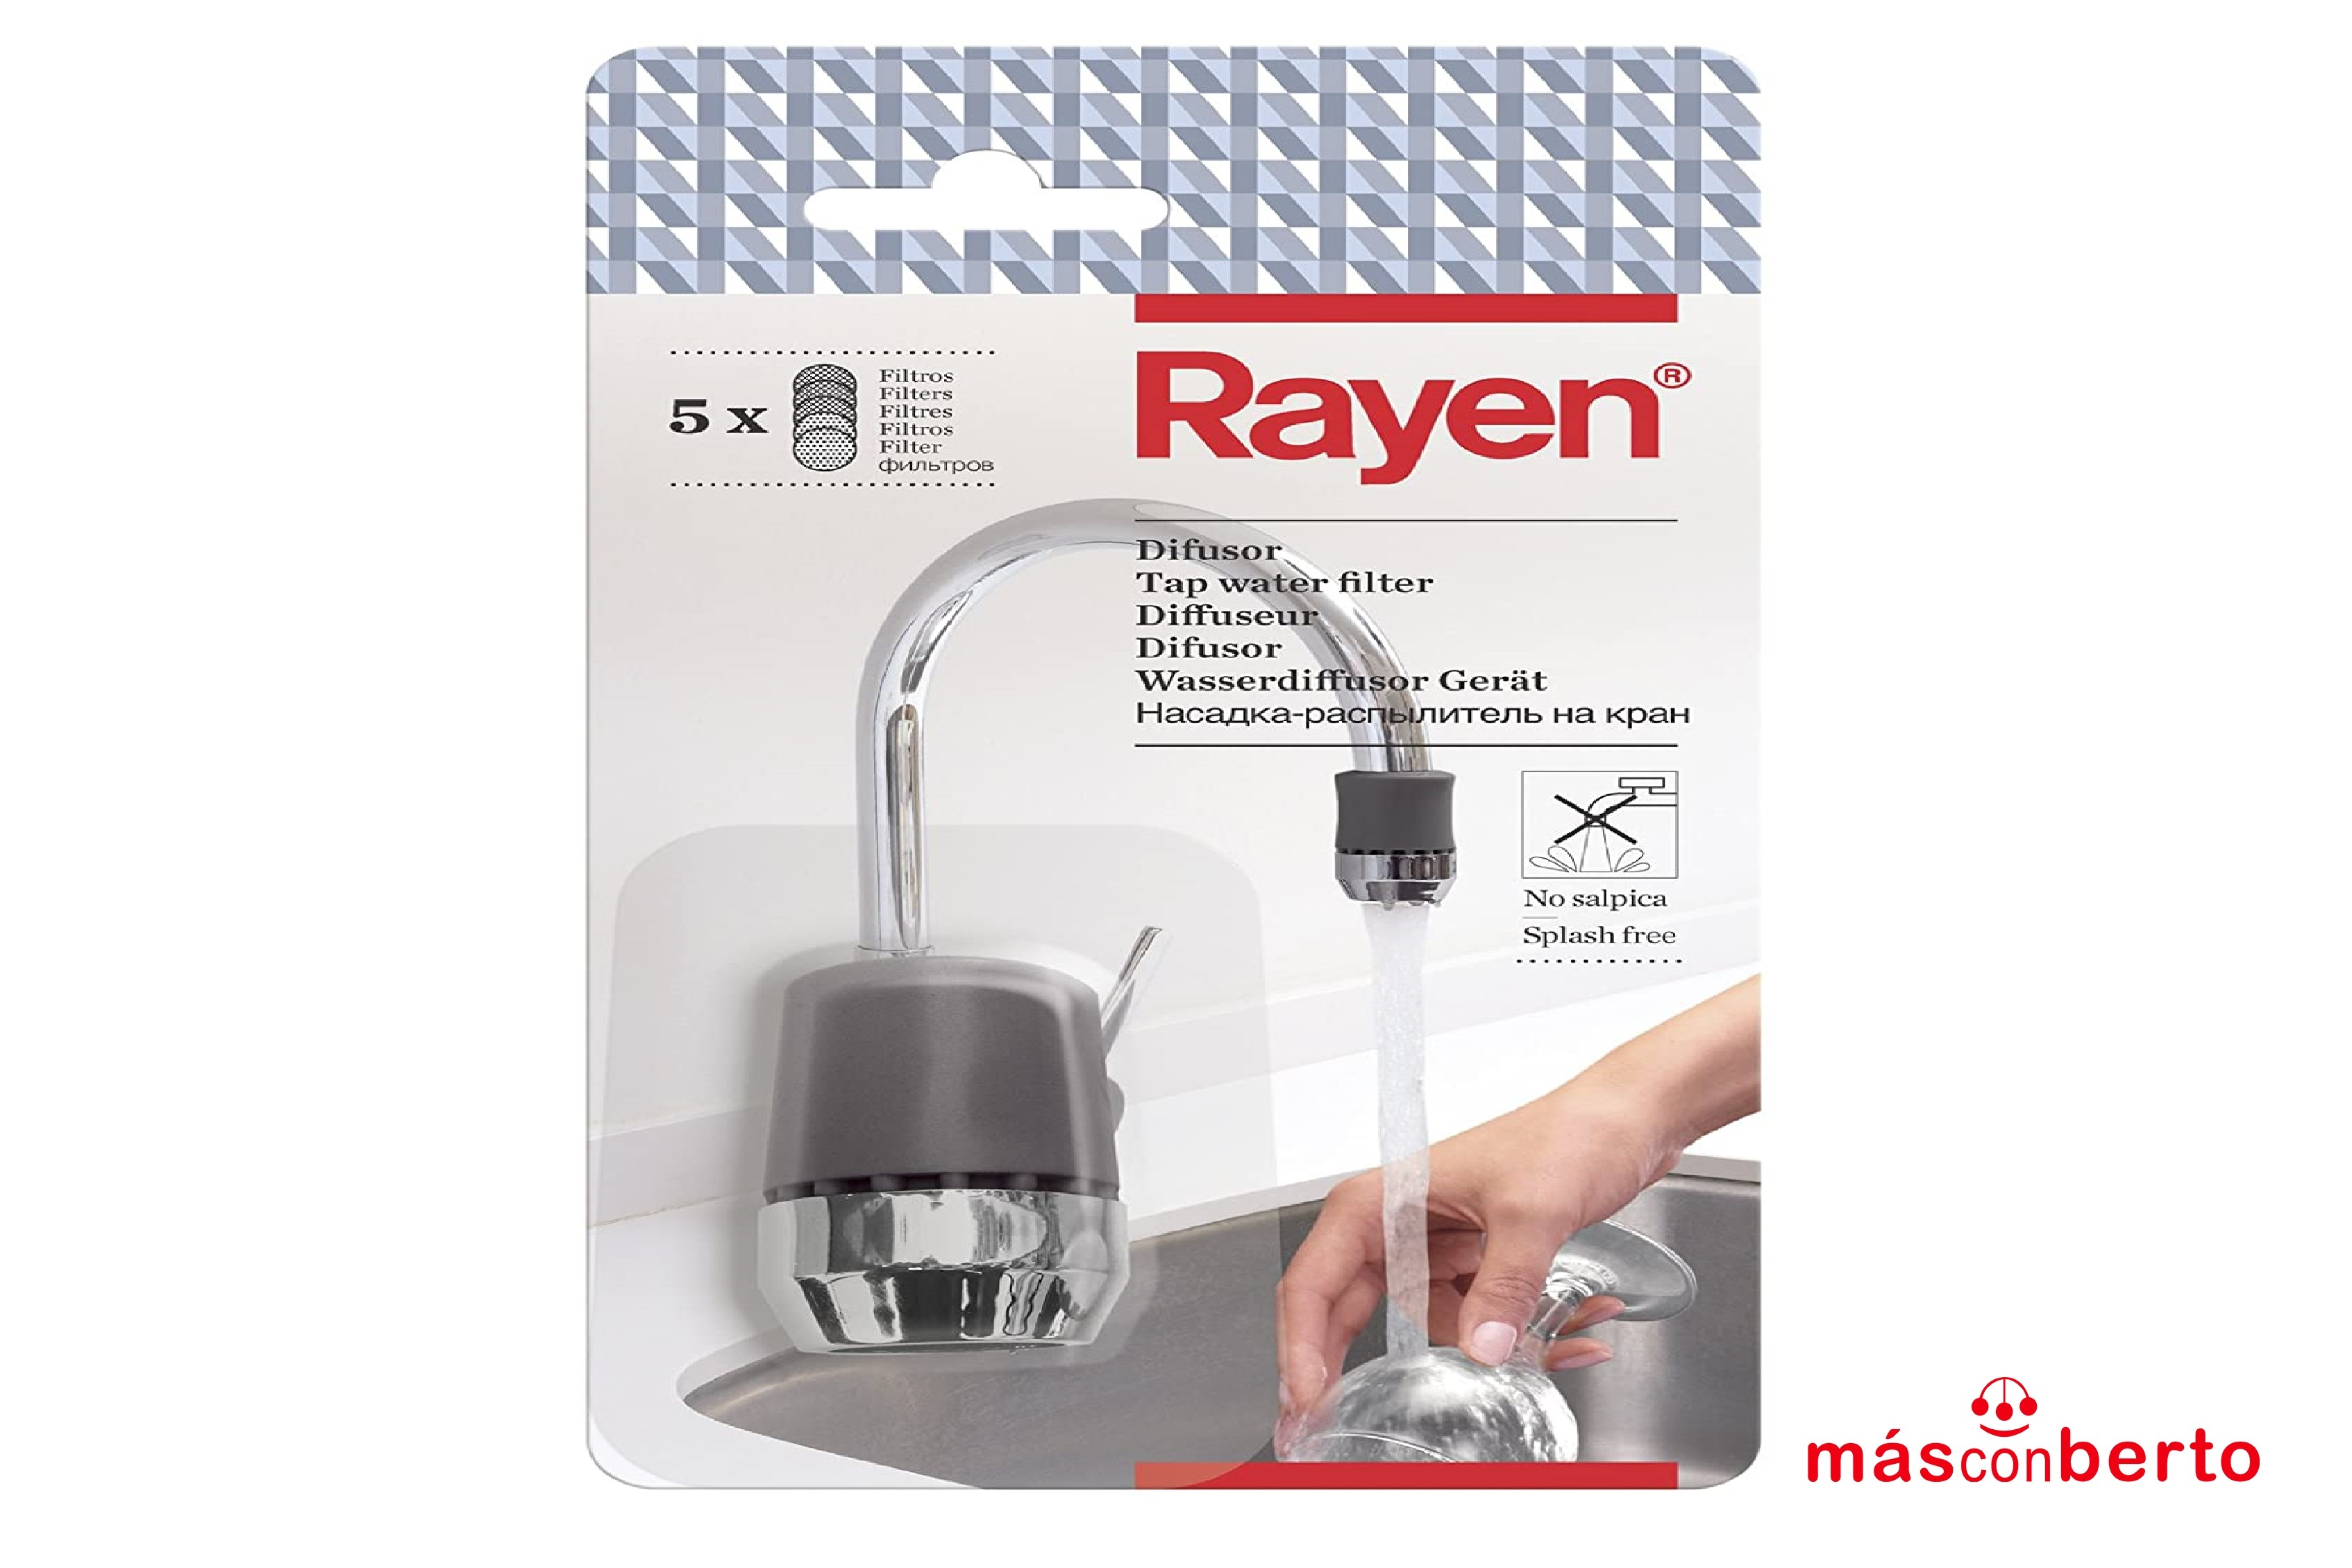 Difusor Rayen